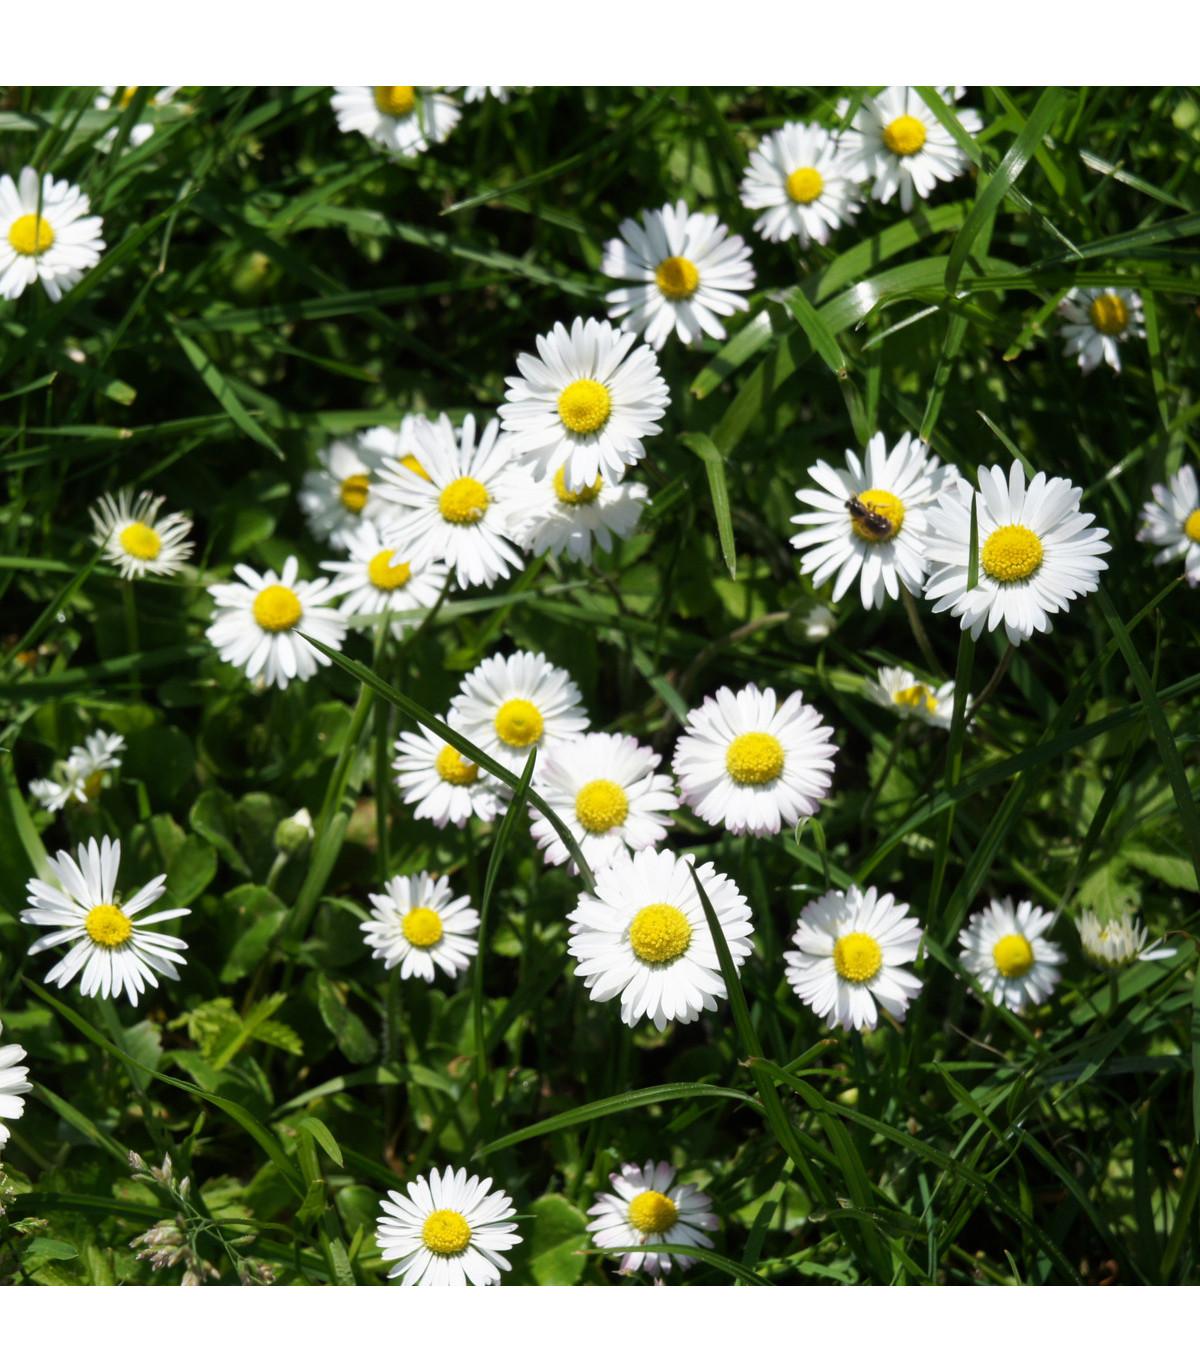 Sedmokráska jednoduchá biela - Bellis perennis - predaj semien sedmokrásky - 0,1 g